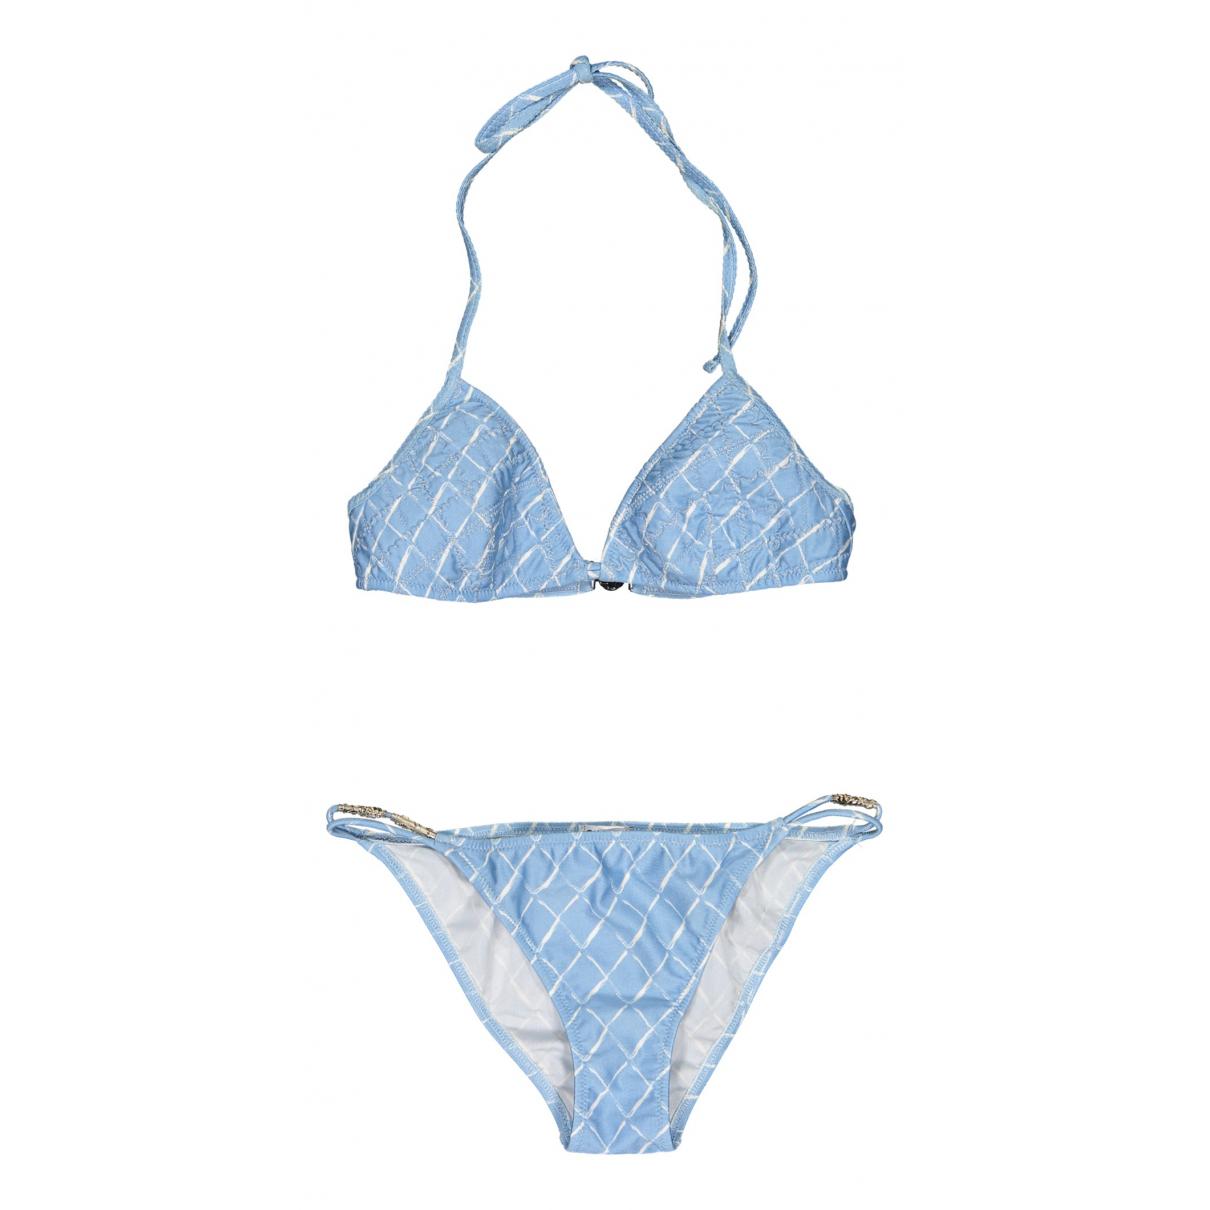 Chanel \N Badeanzug in  Blau Synthetik